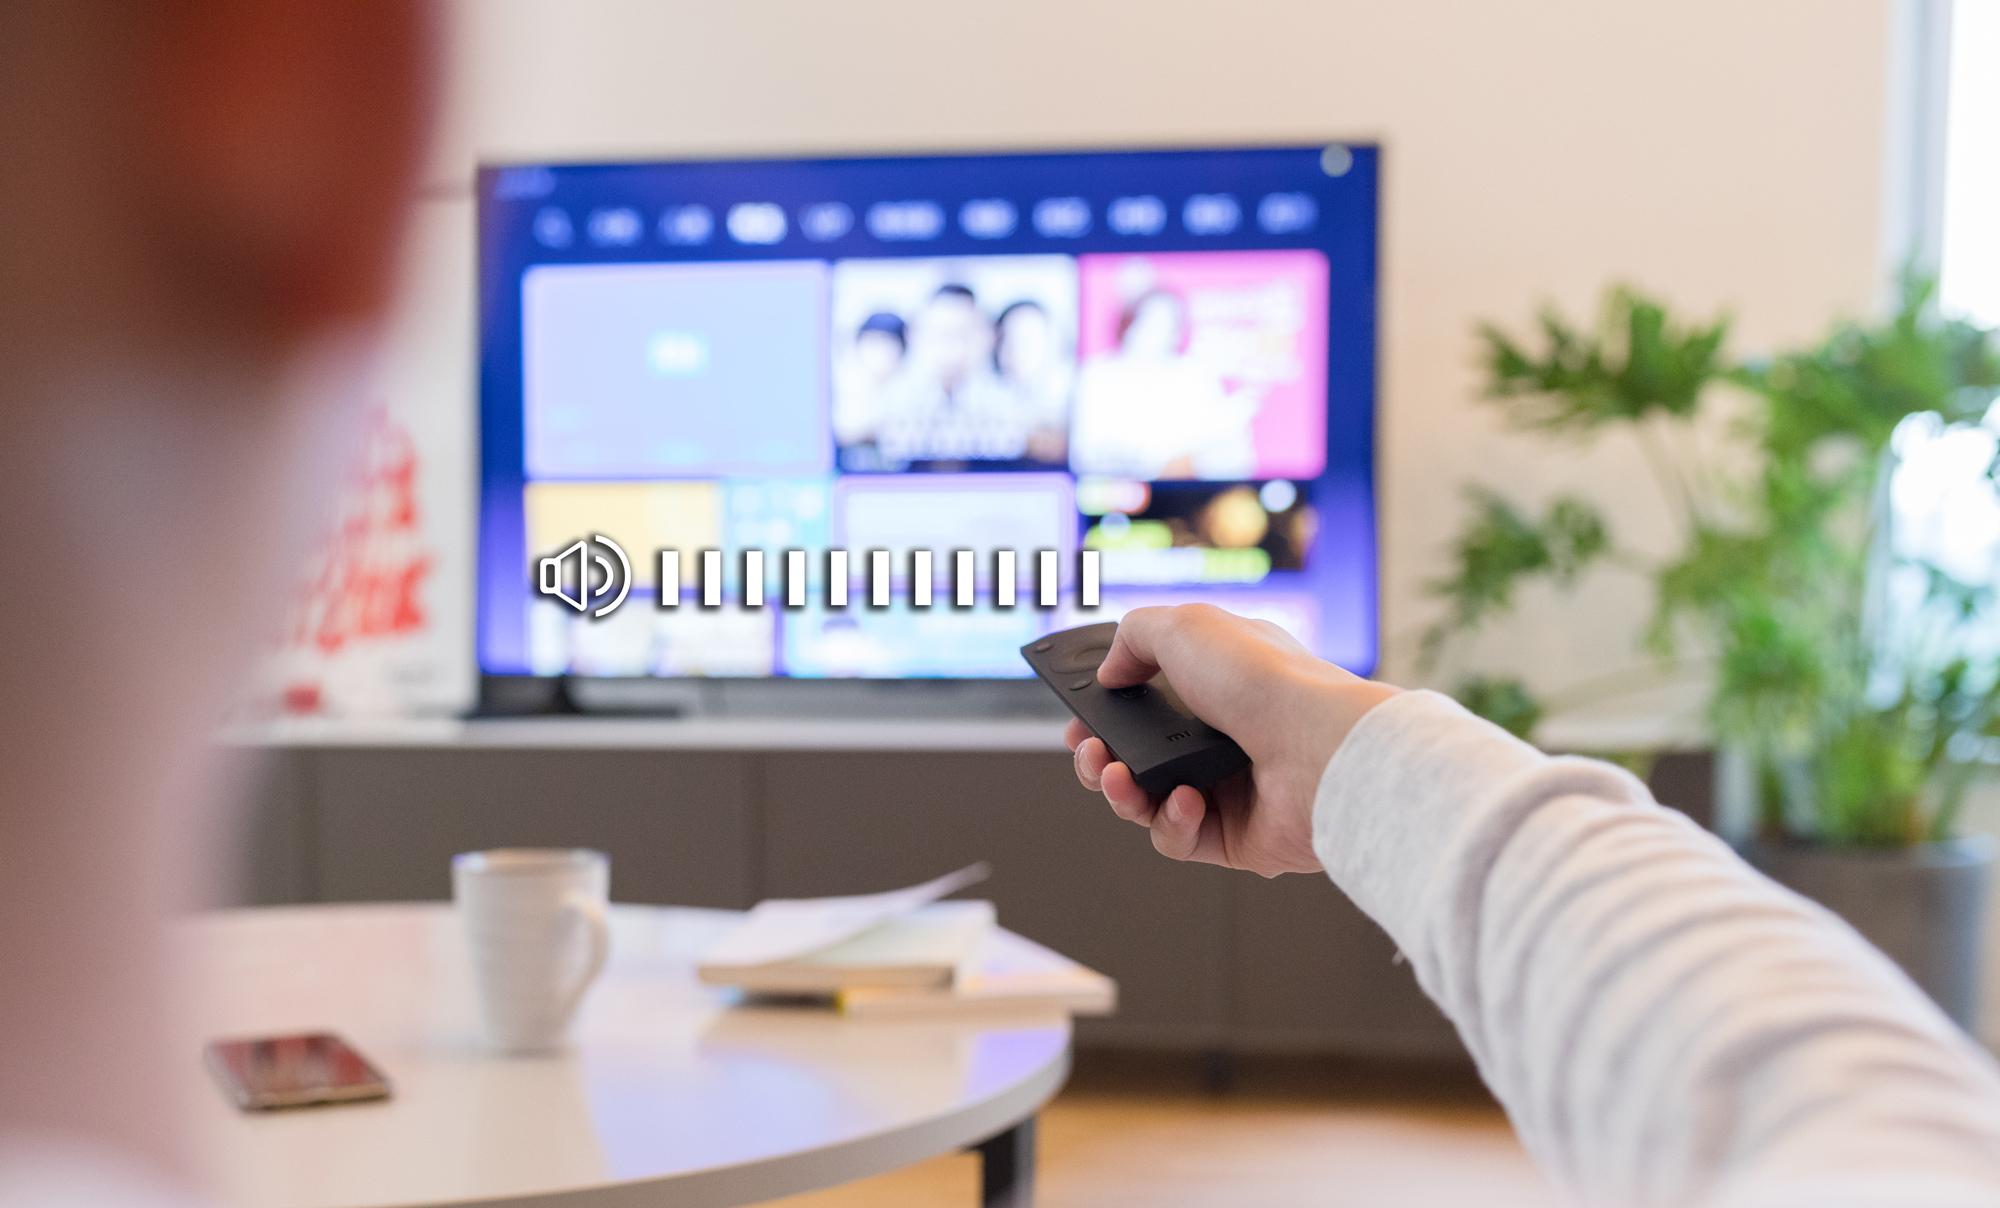 电视机调大声.jpg